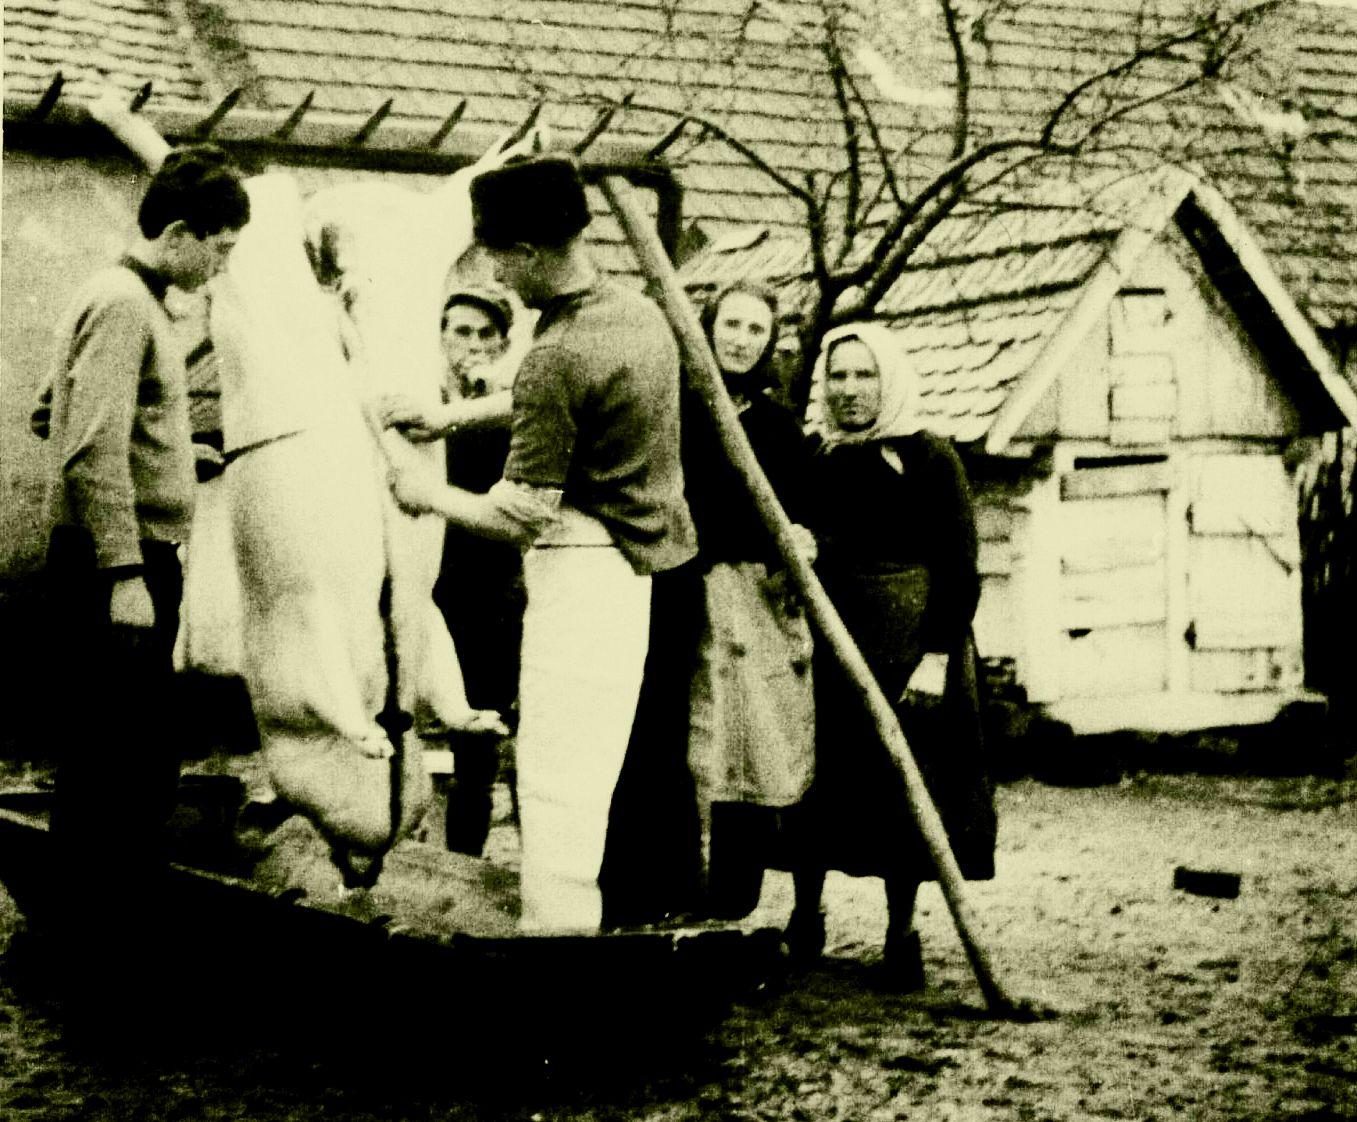 Békebéli disznóvágás és sonkakészítés emlékére